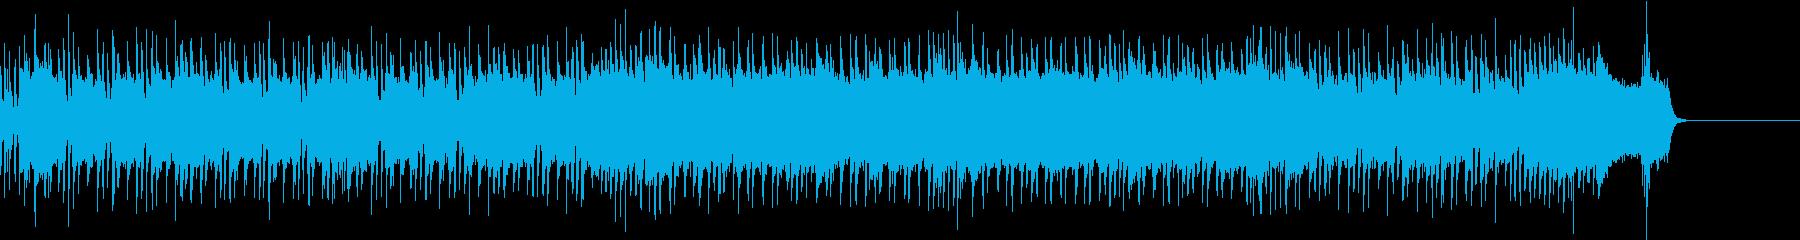 ギター/熱い/ロックBGM5の再生済みの波形